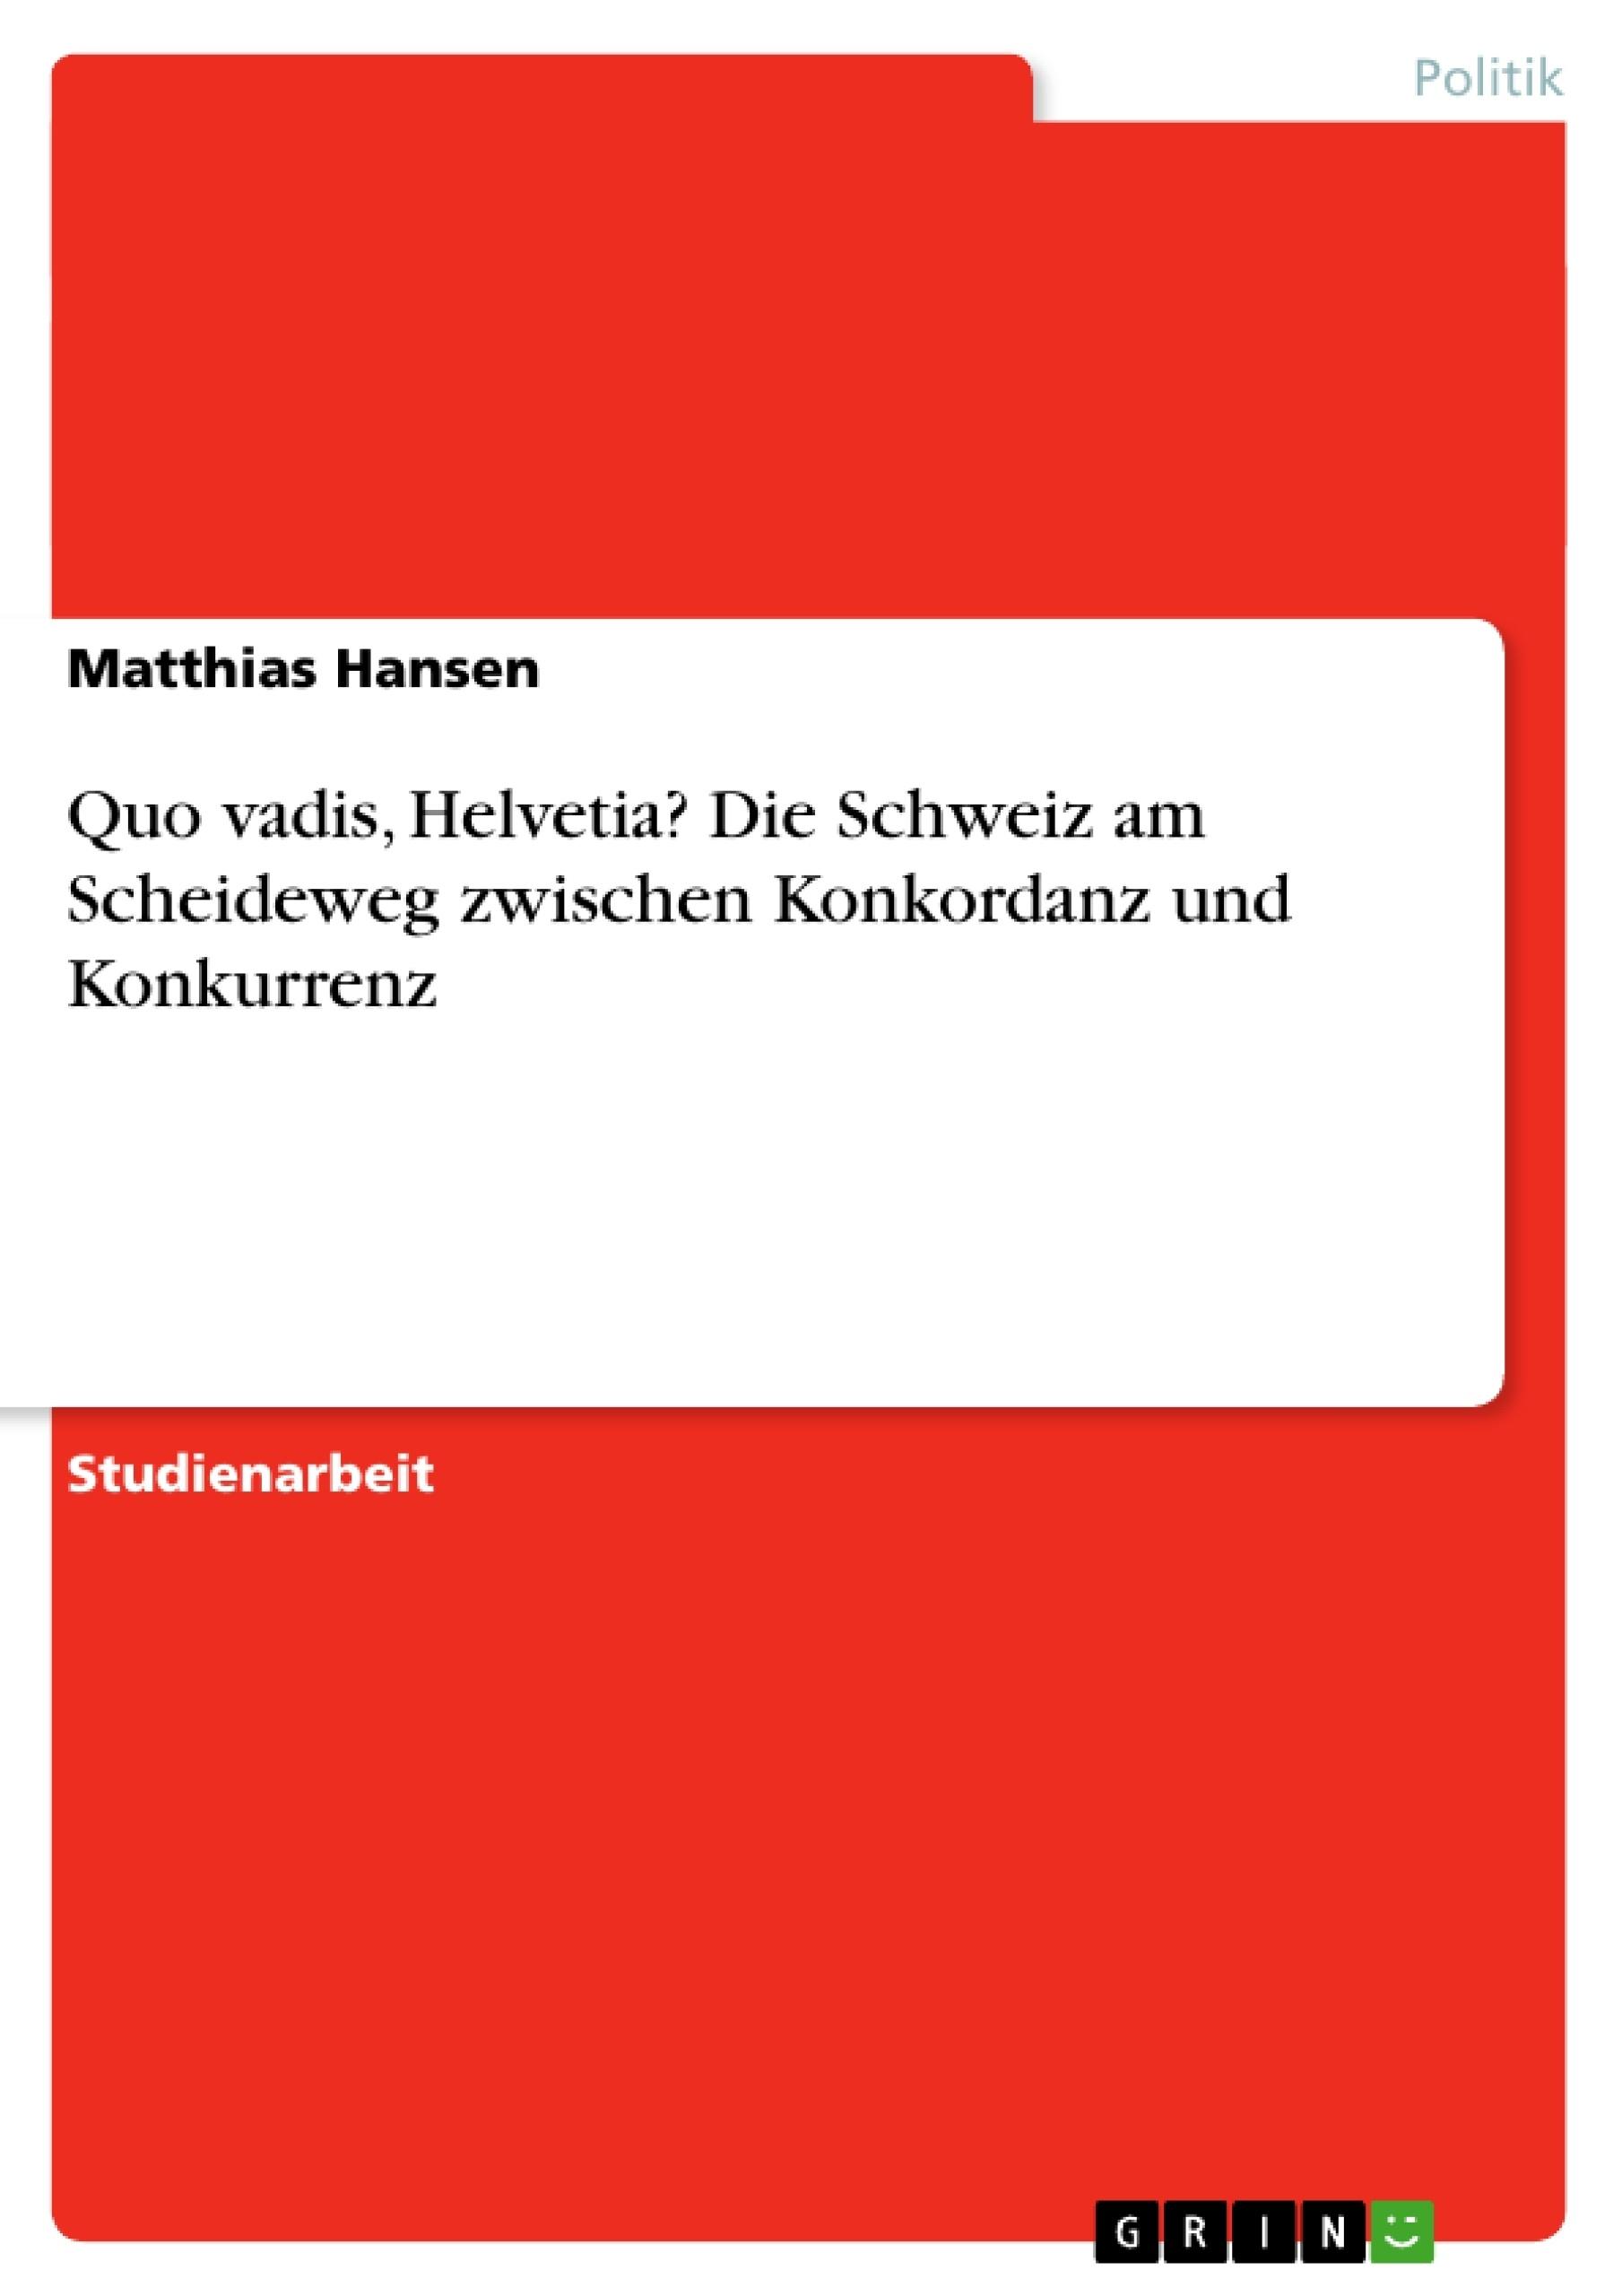 Titel: Quo vadis, Helvetia? Die Schweiz am Scheideweg zwischen Konkordanz und Konkurrenz